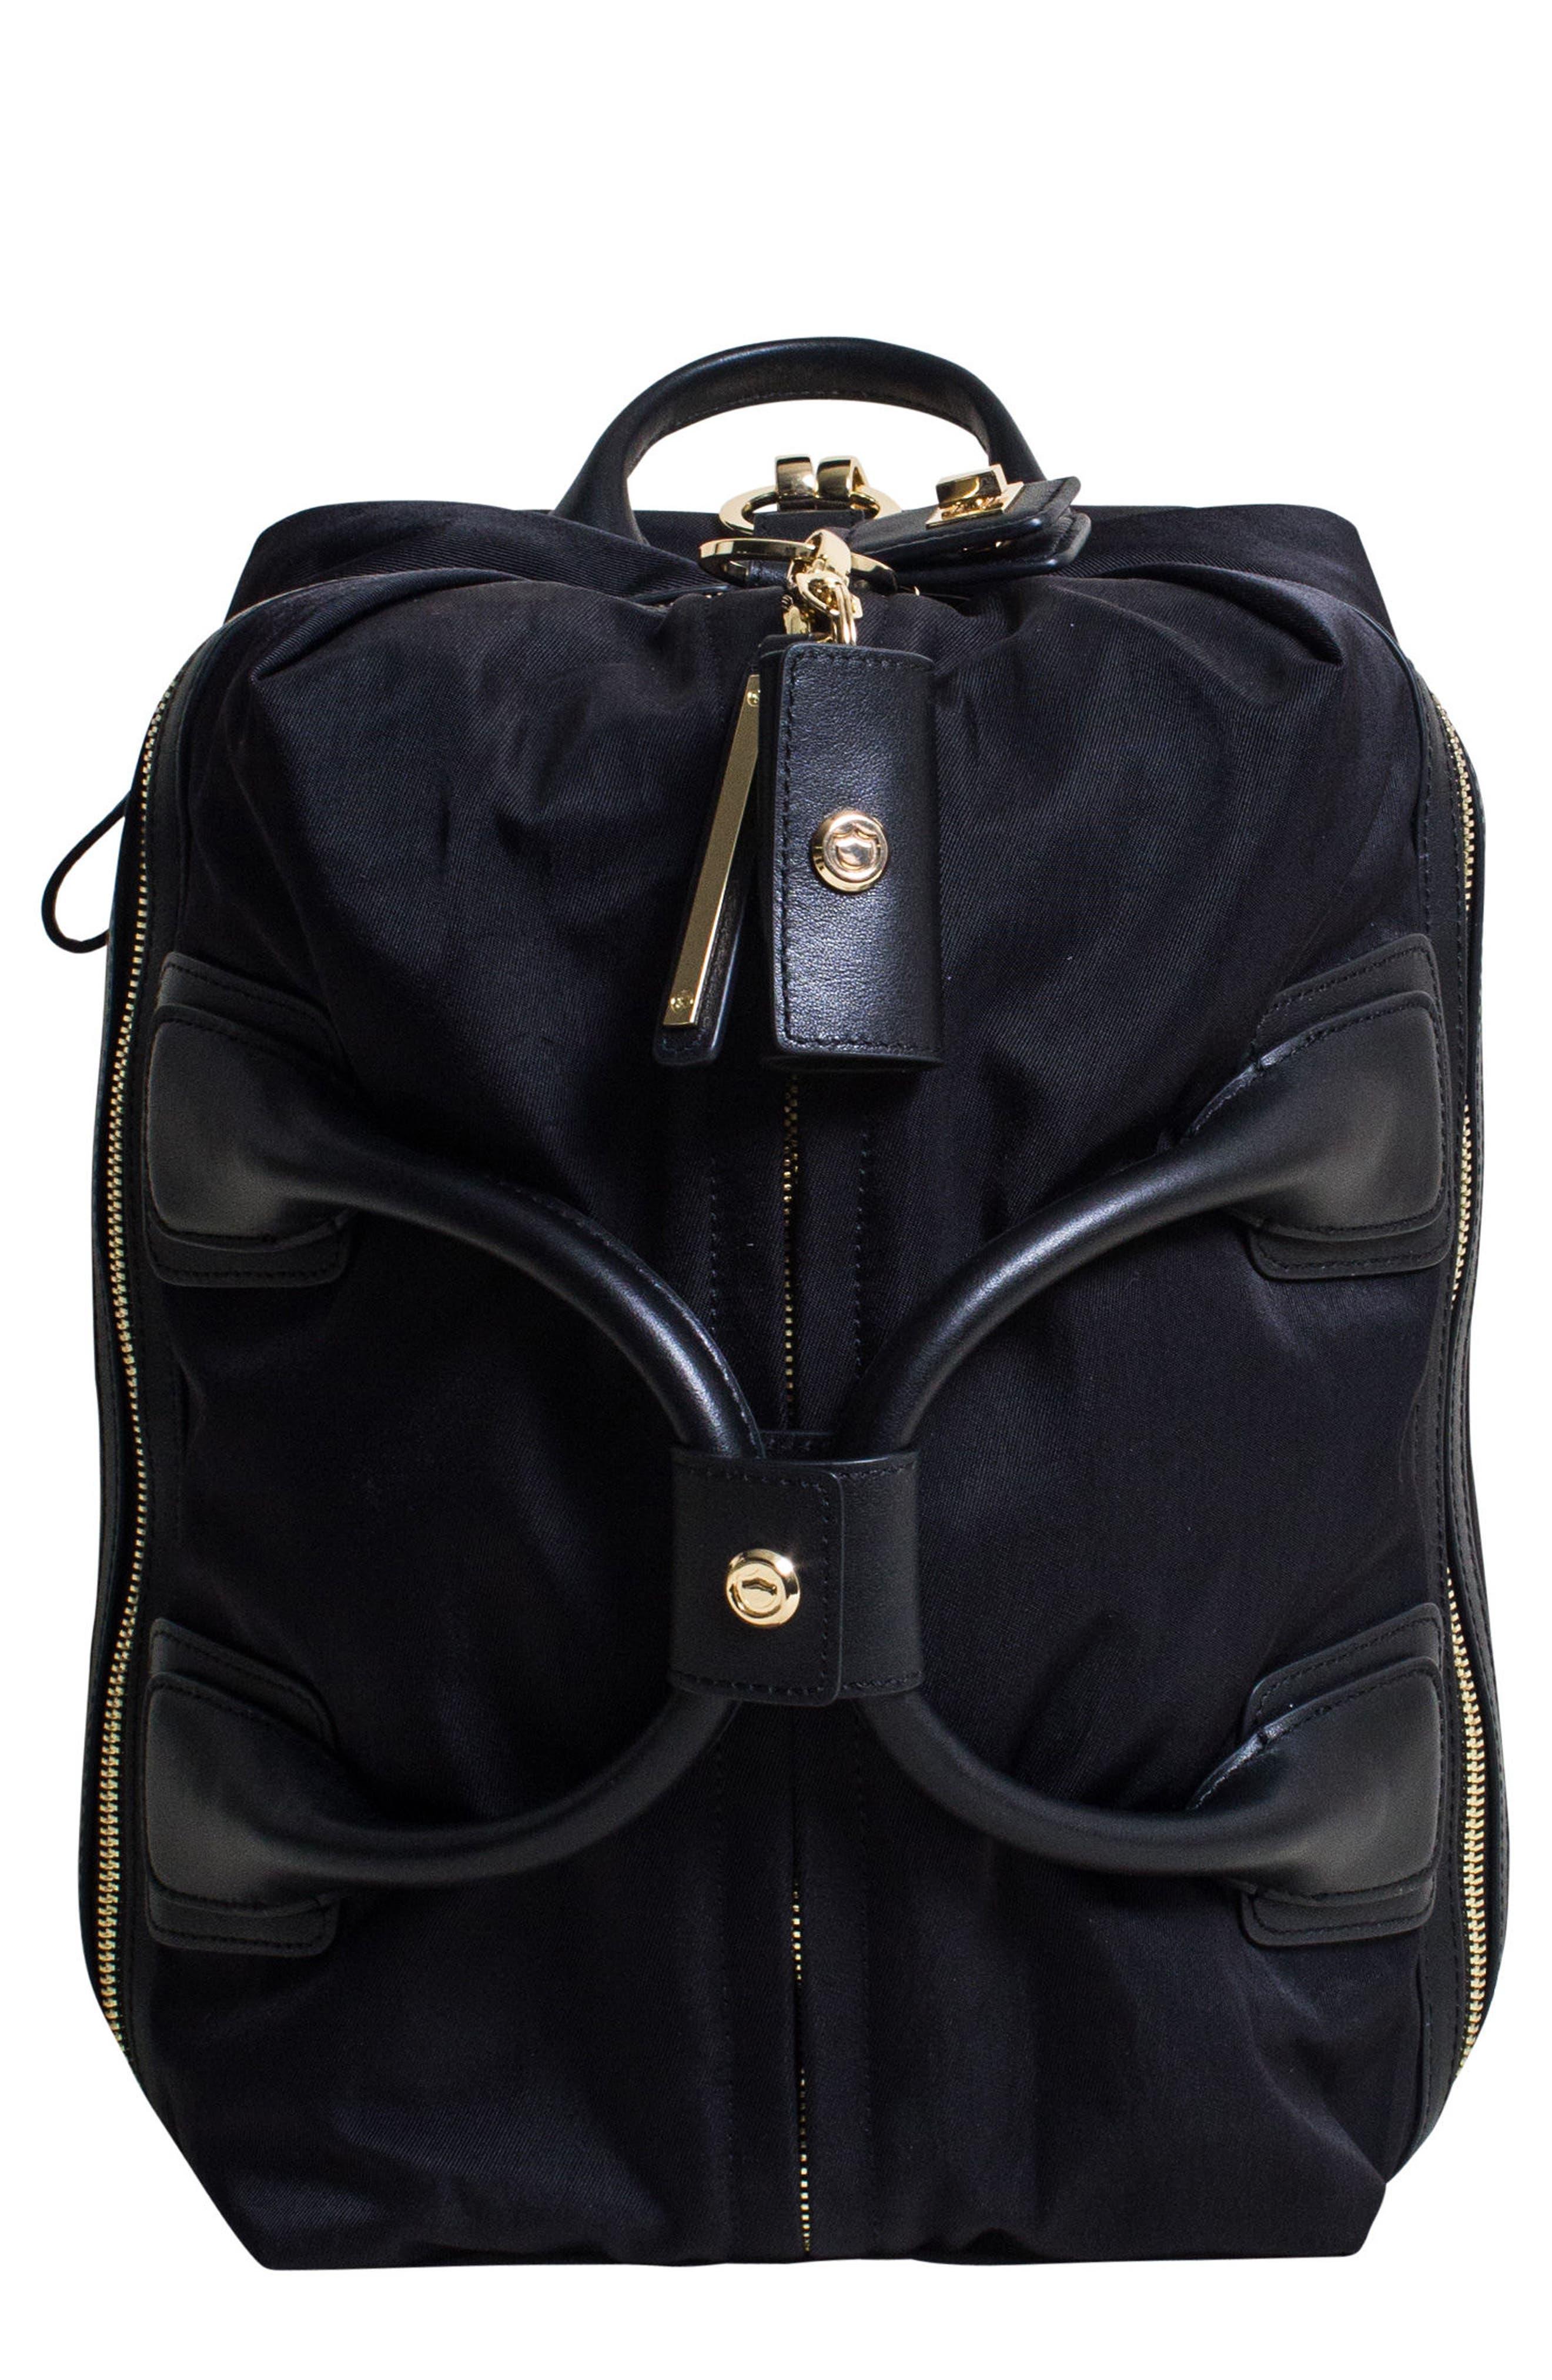 Studio Duffel Backpack,                             Main thumbnail 1, color,                             Black